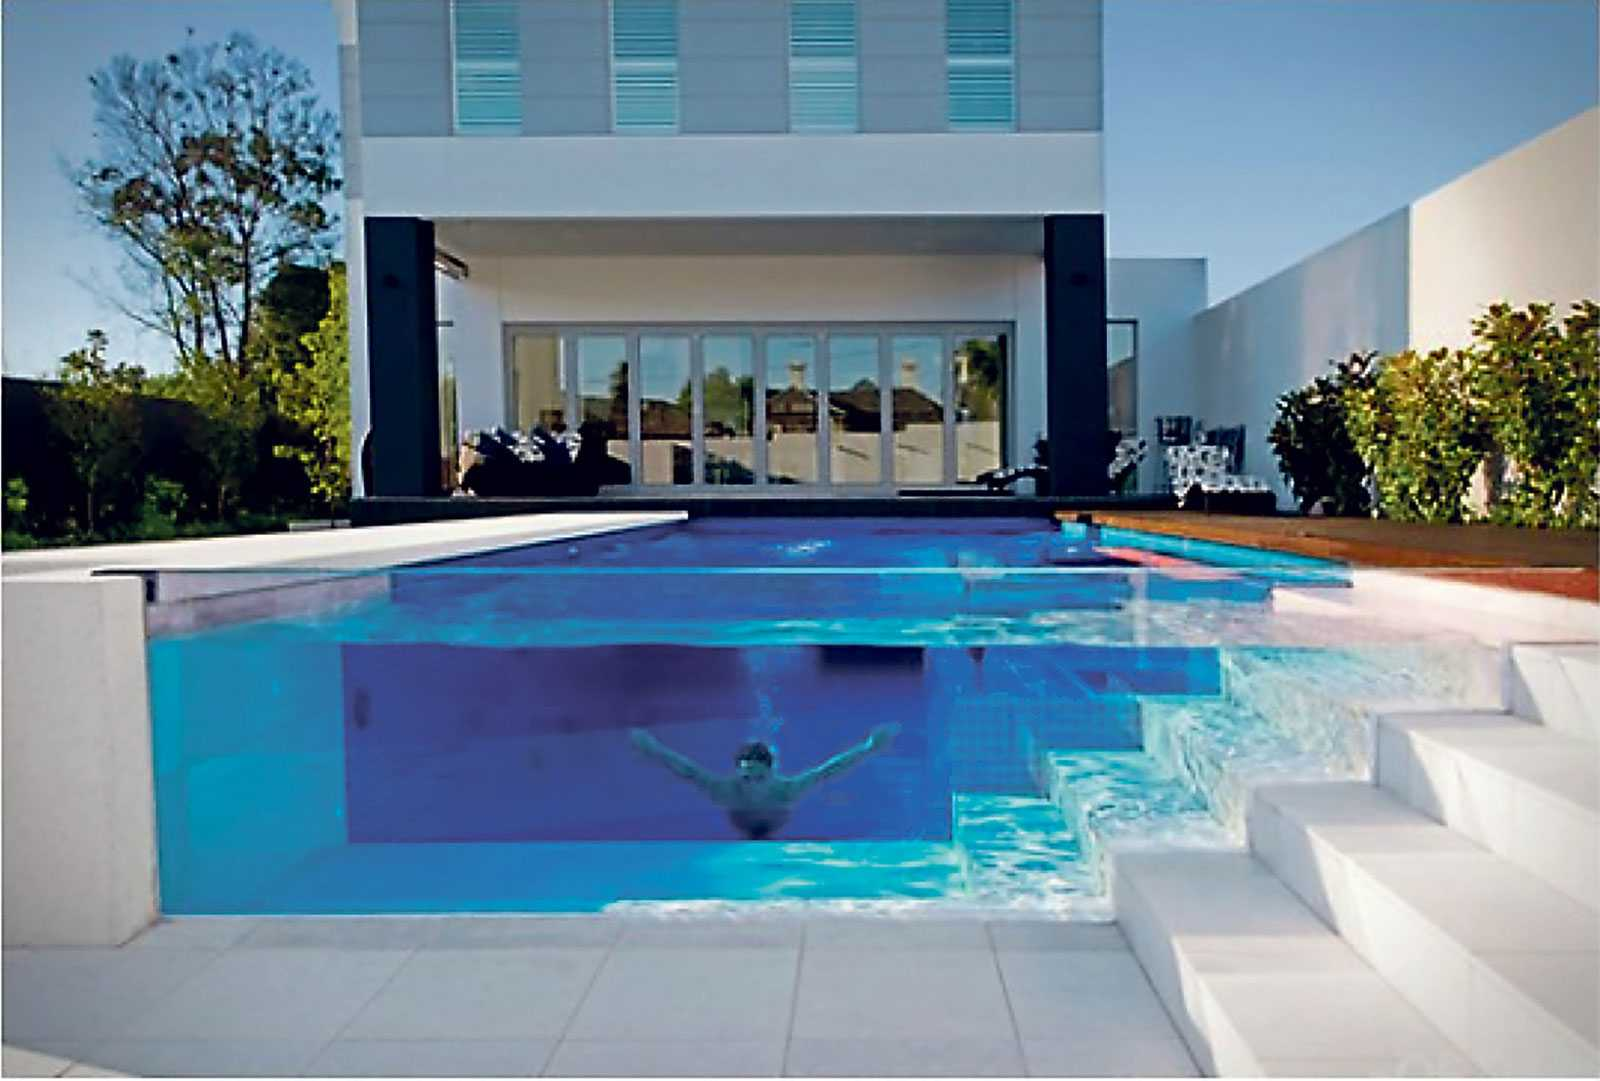 piscine transparente prix moyen d 39 une piscine avec. Black Bedroom Furniture Sets. Home Design Ideas